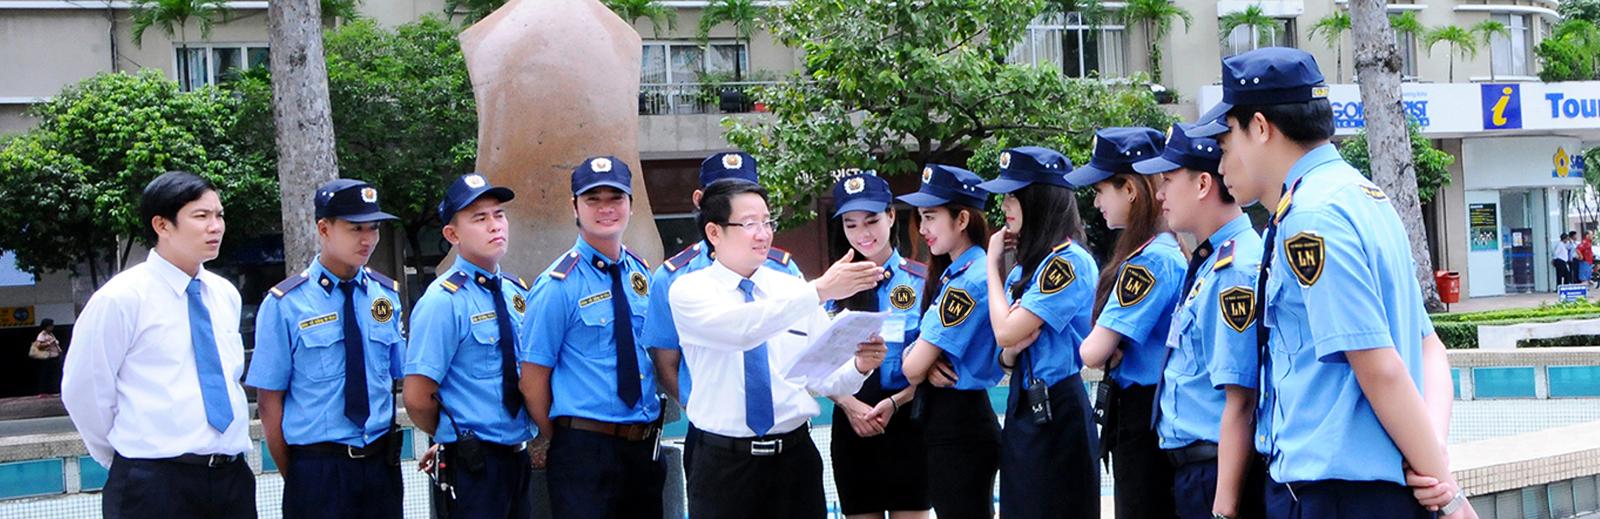 Dịch vụ thành lập công ty bảo vệ tại TP HCM